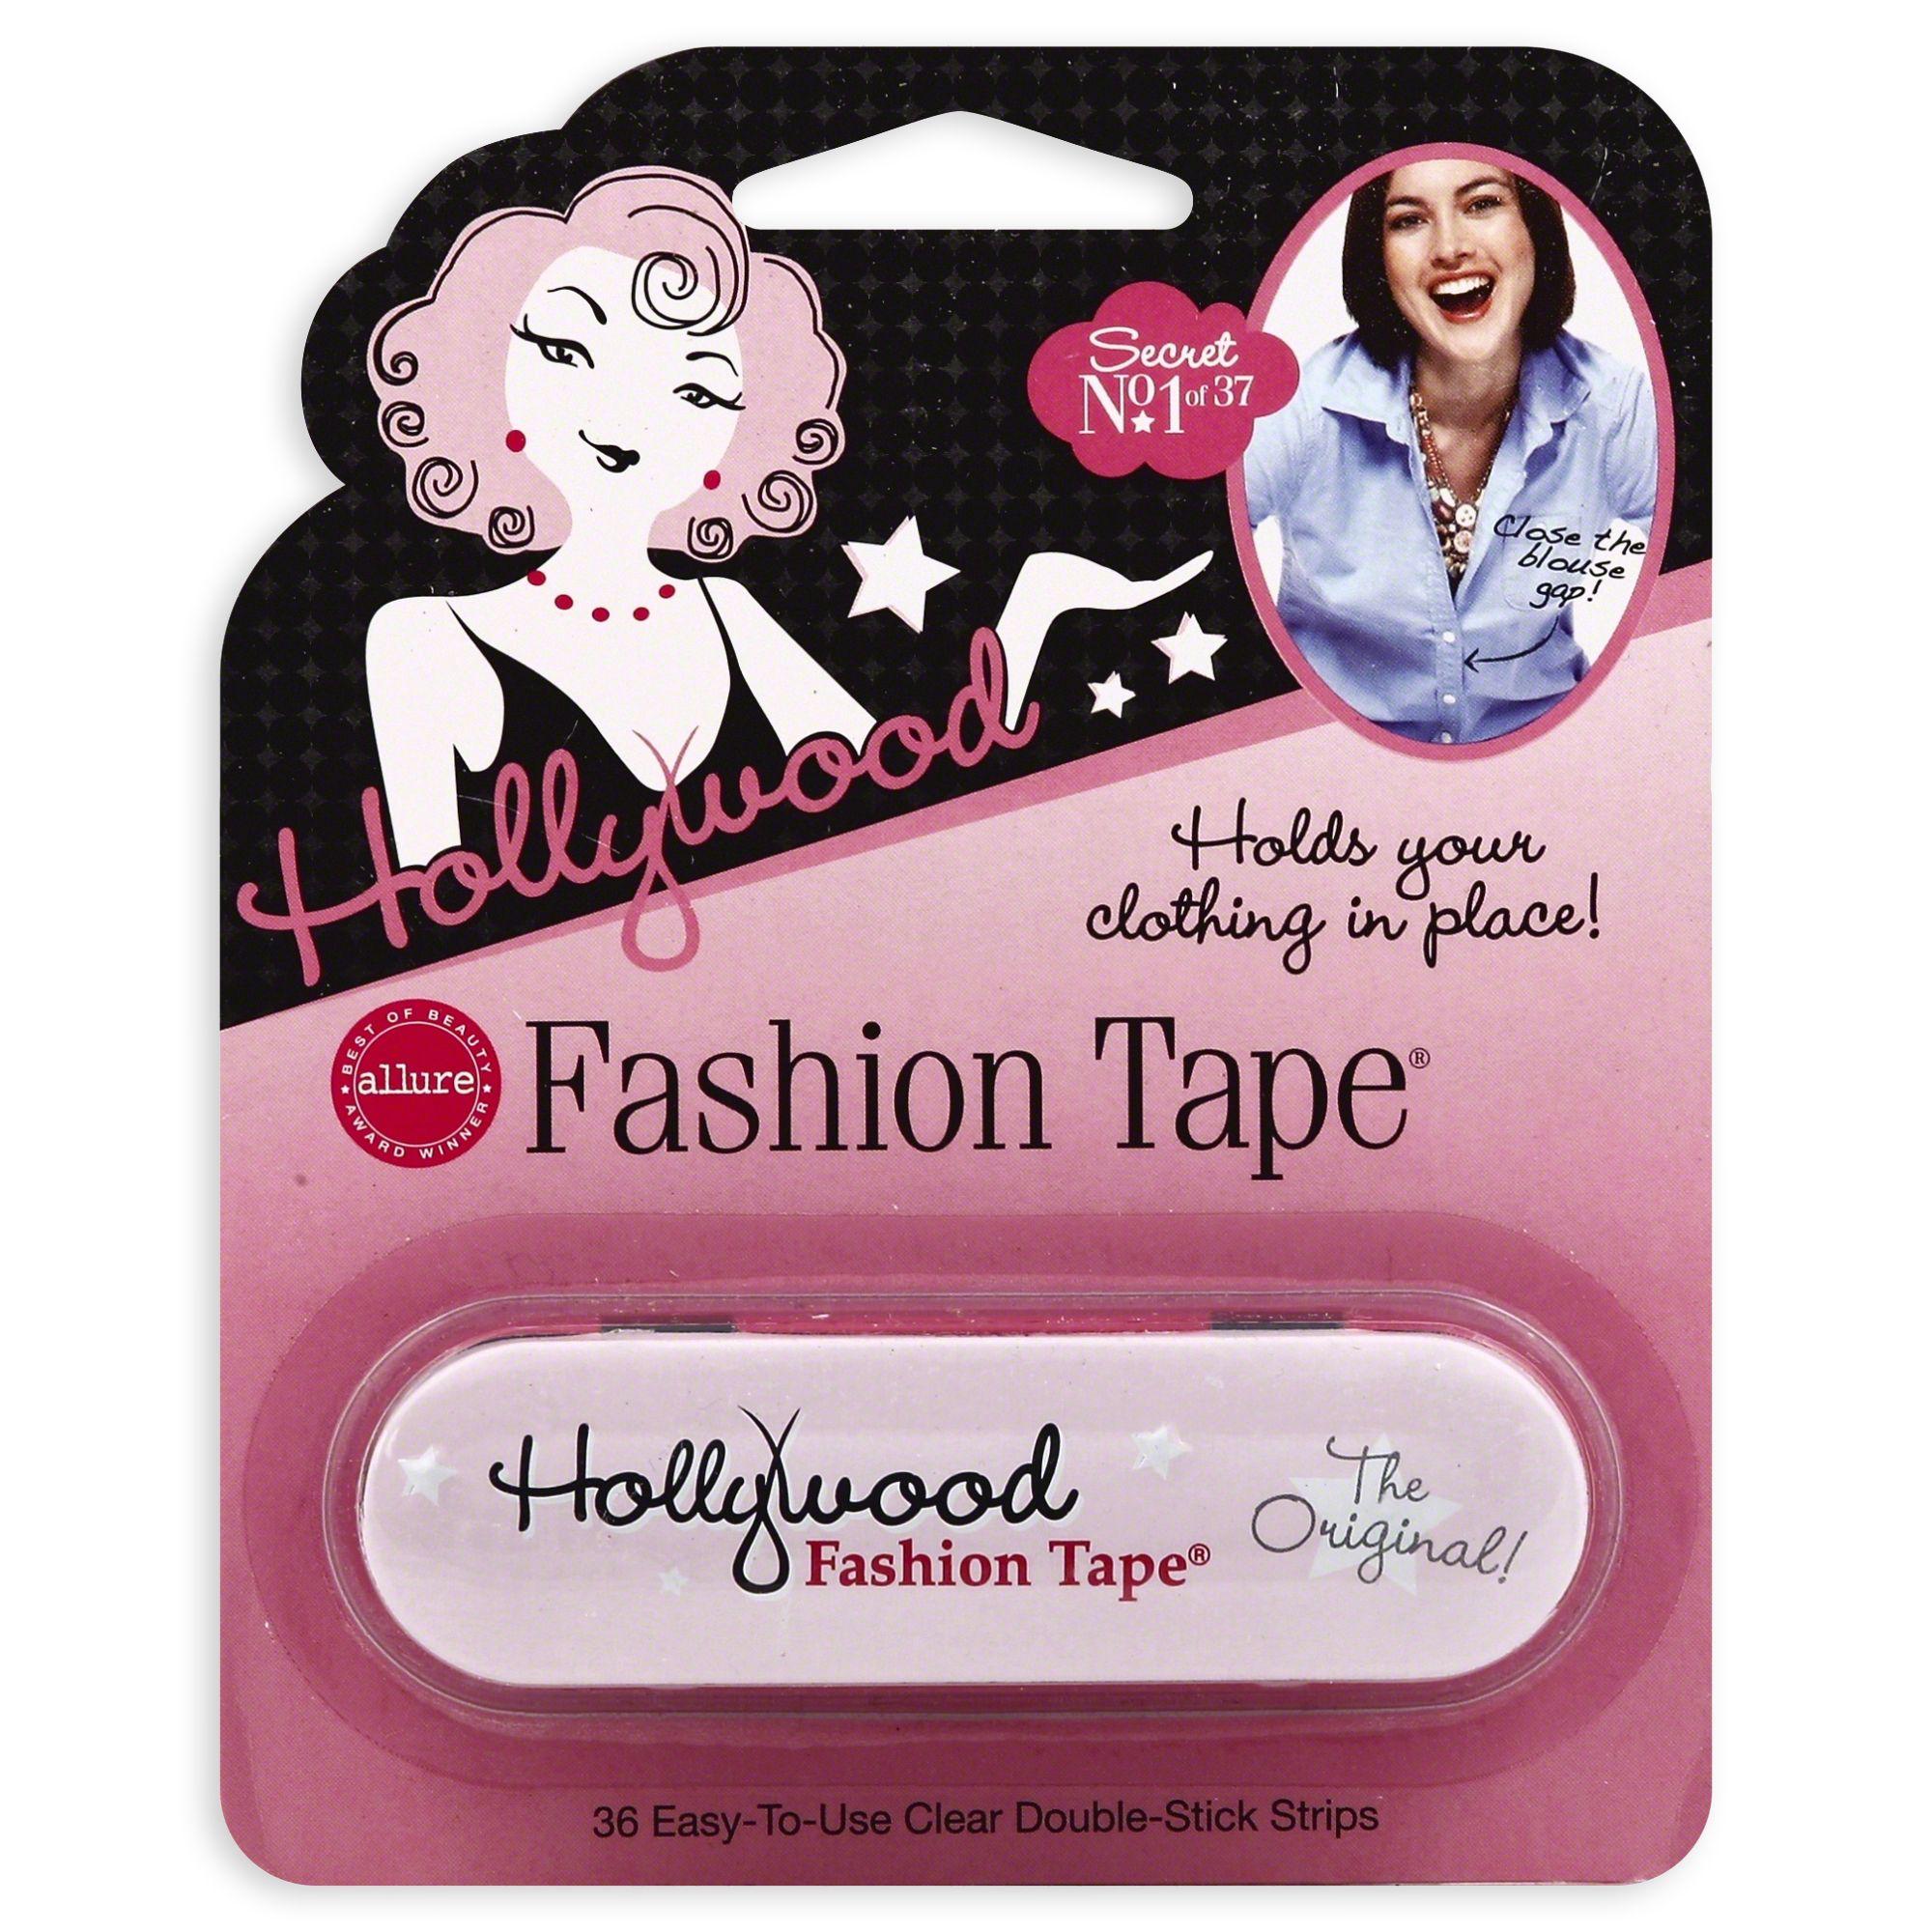 Fashion tape - Bra accessories - Bras - Hunkemller 64